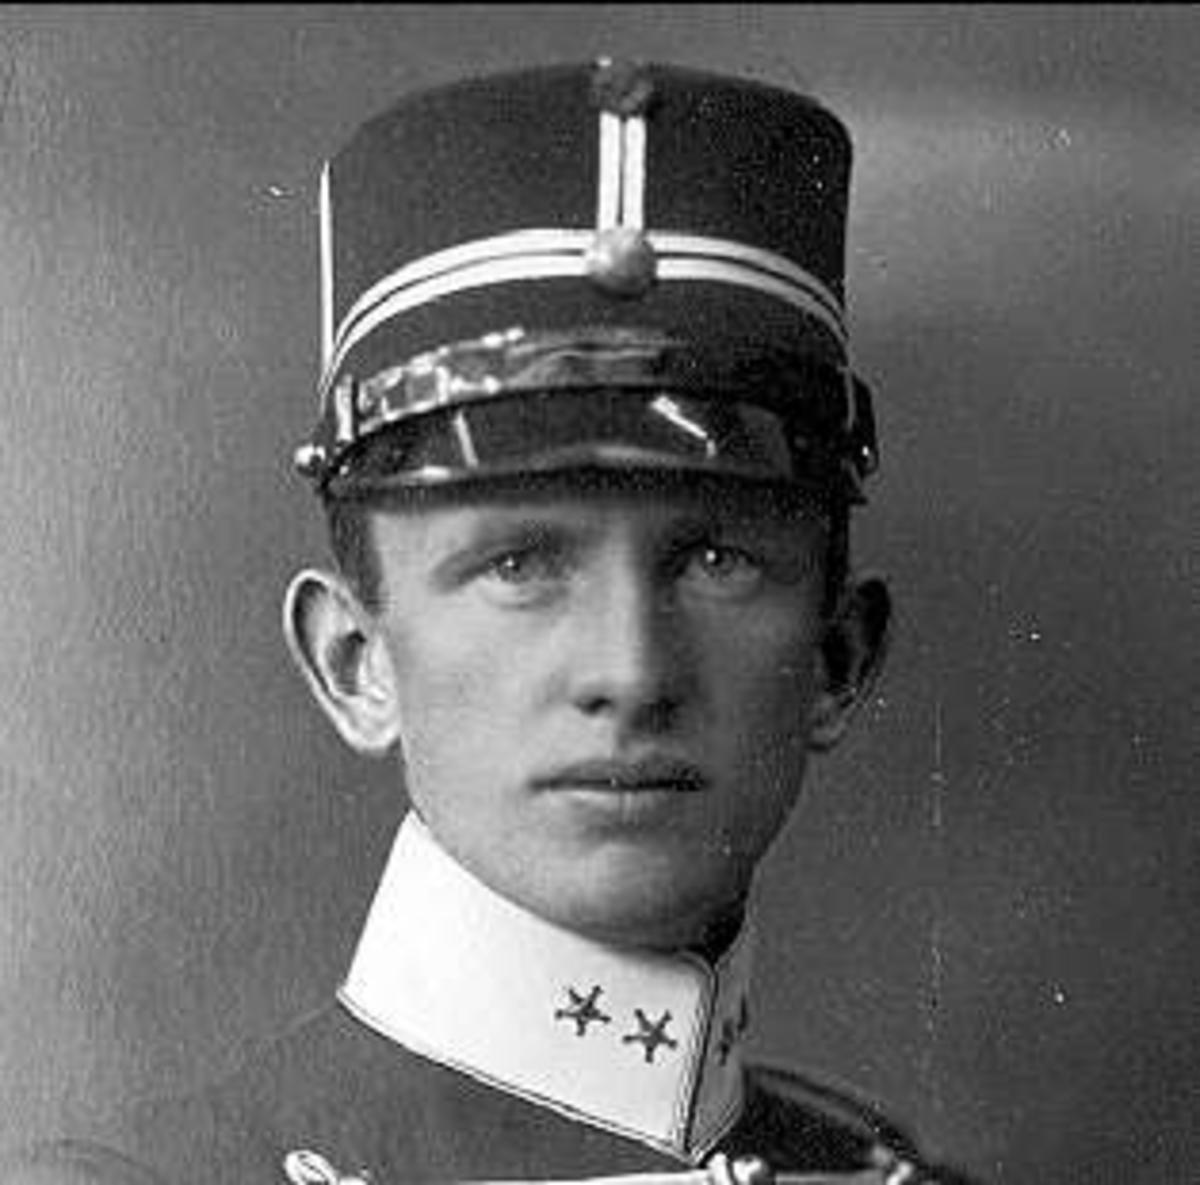 Porträtt av löjtnant Rolf Örn, en utomordentligt duktig och framgångsrik prishoppningsryttare.